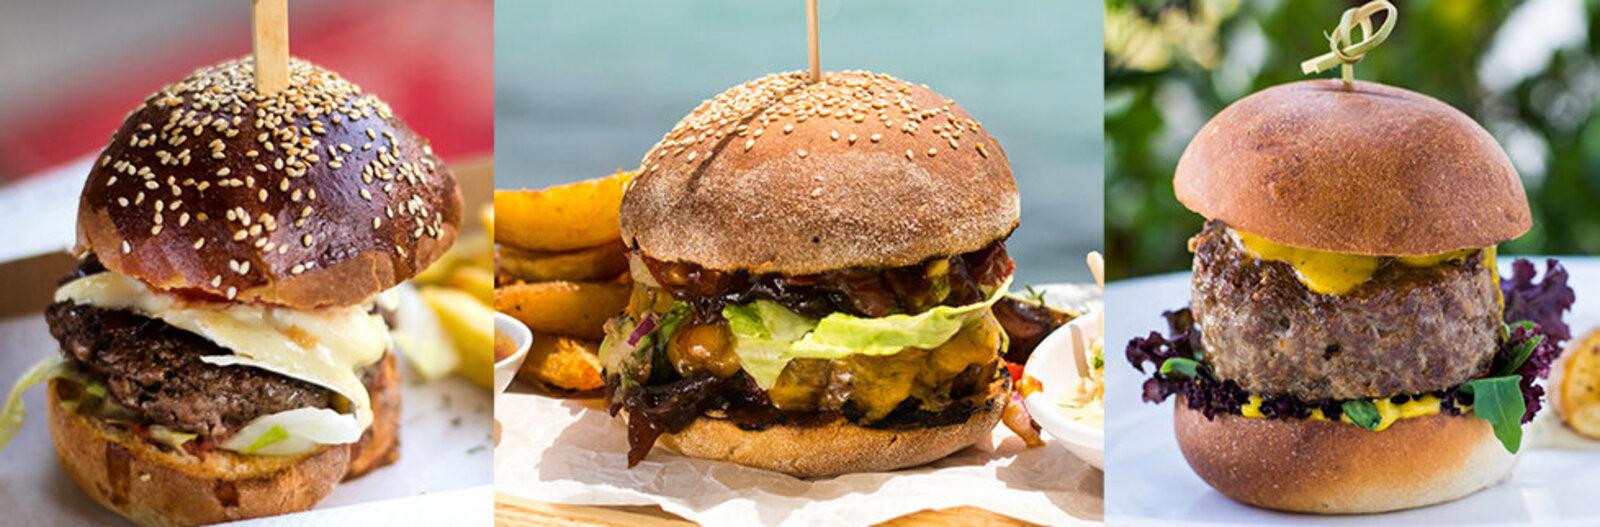 Bagelbe harapsz vagy borbirtokon falatozol? - A 11 kedvenc új burgerünk a Balatonnál